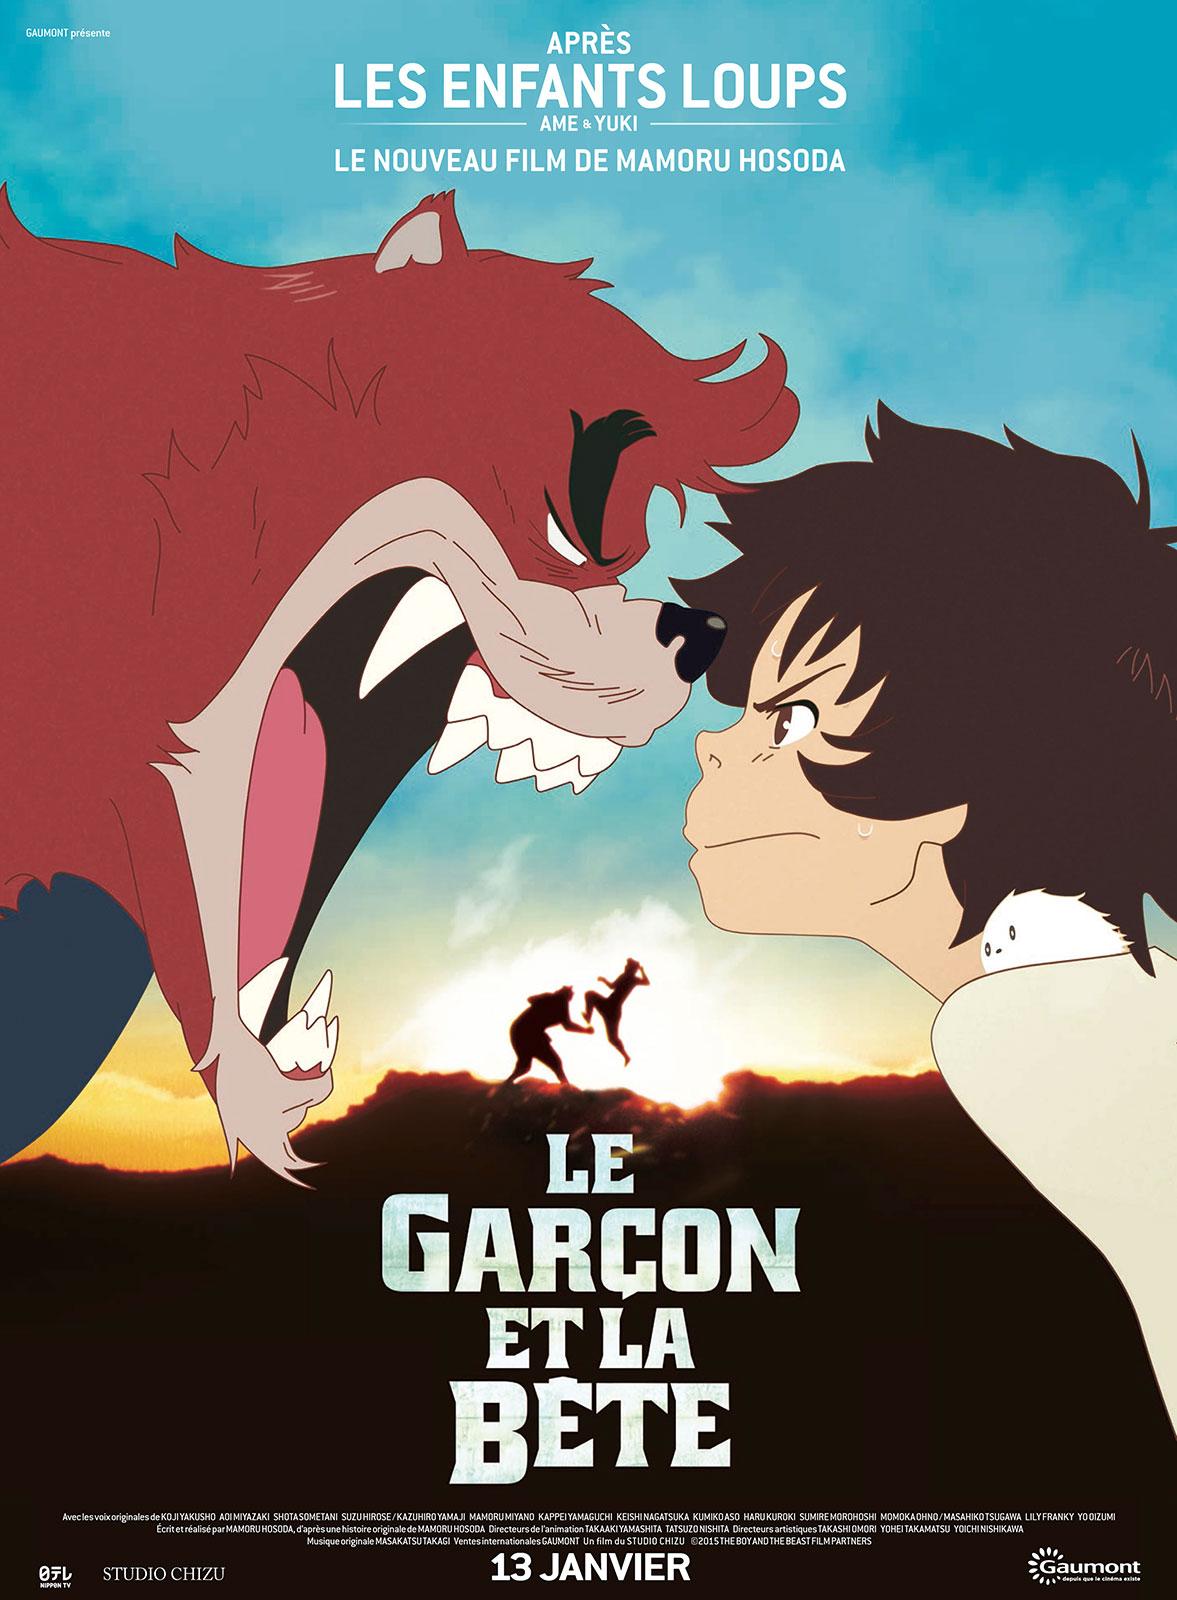 Le cinéma dans la prairie - Le Garçon et la bête Quimperlé